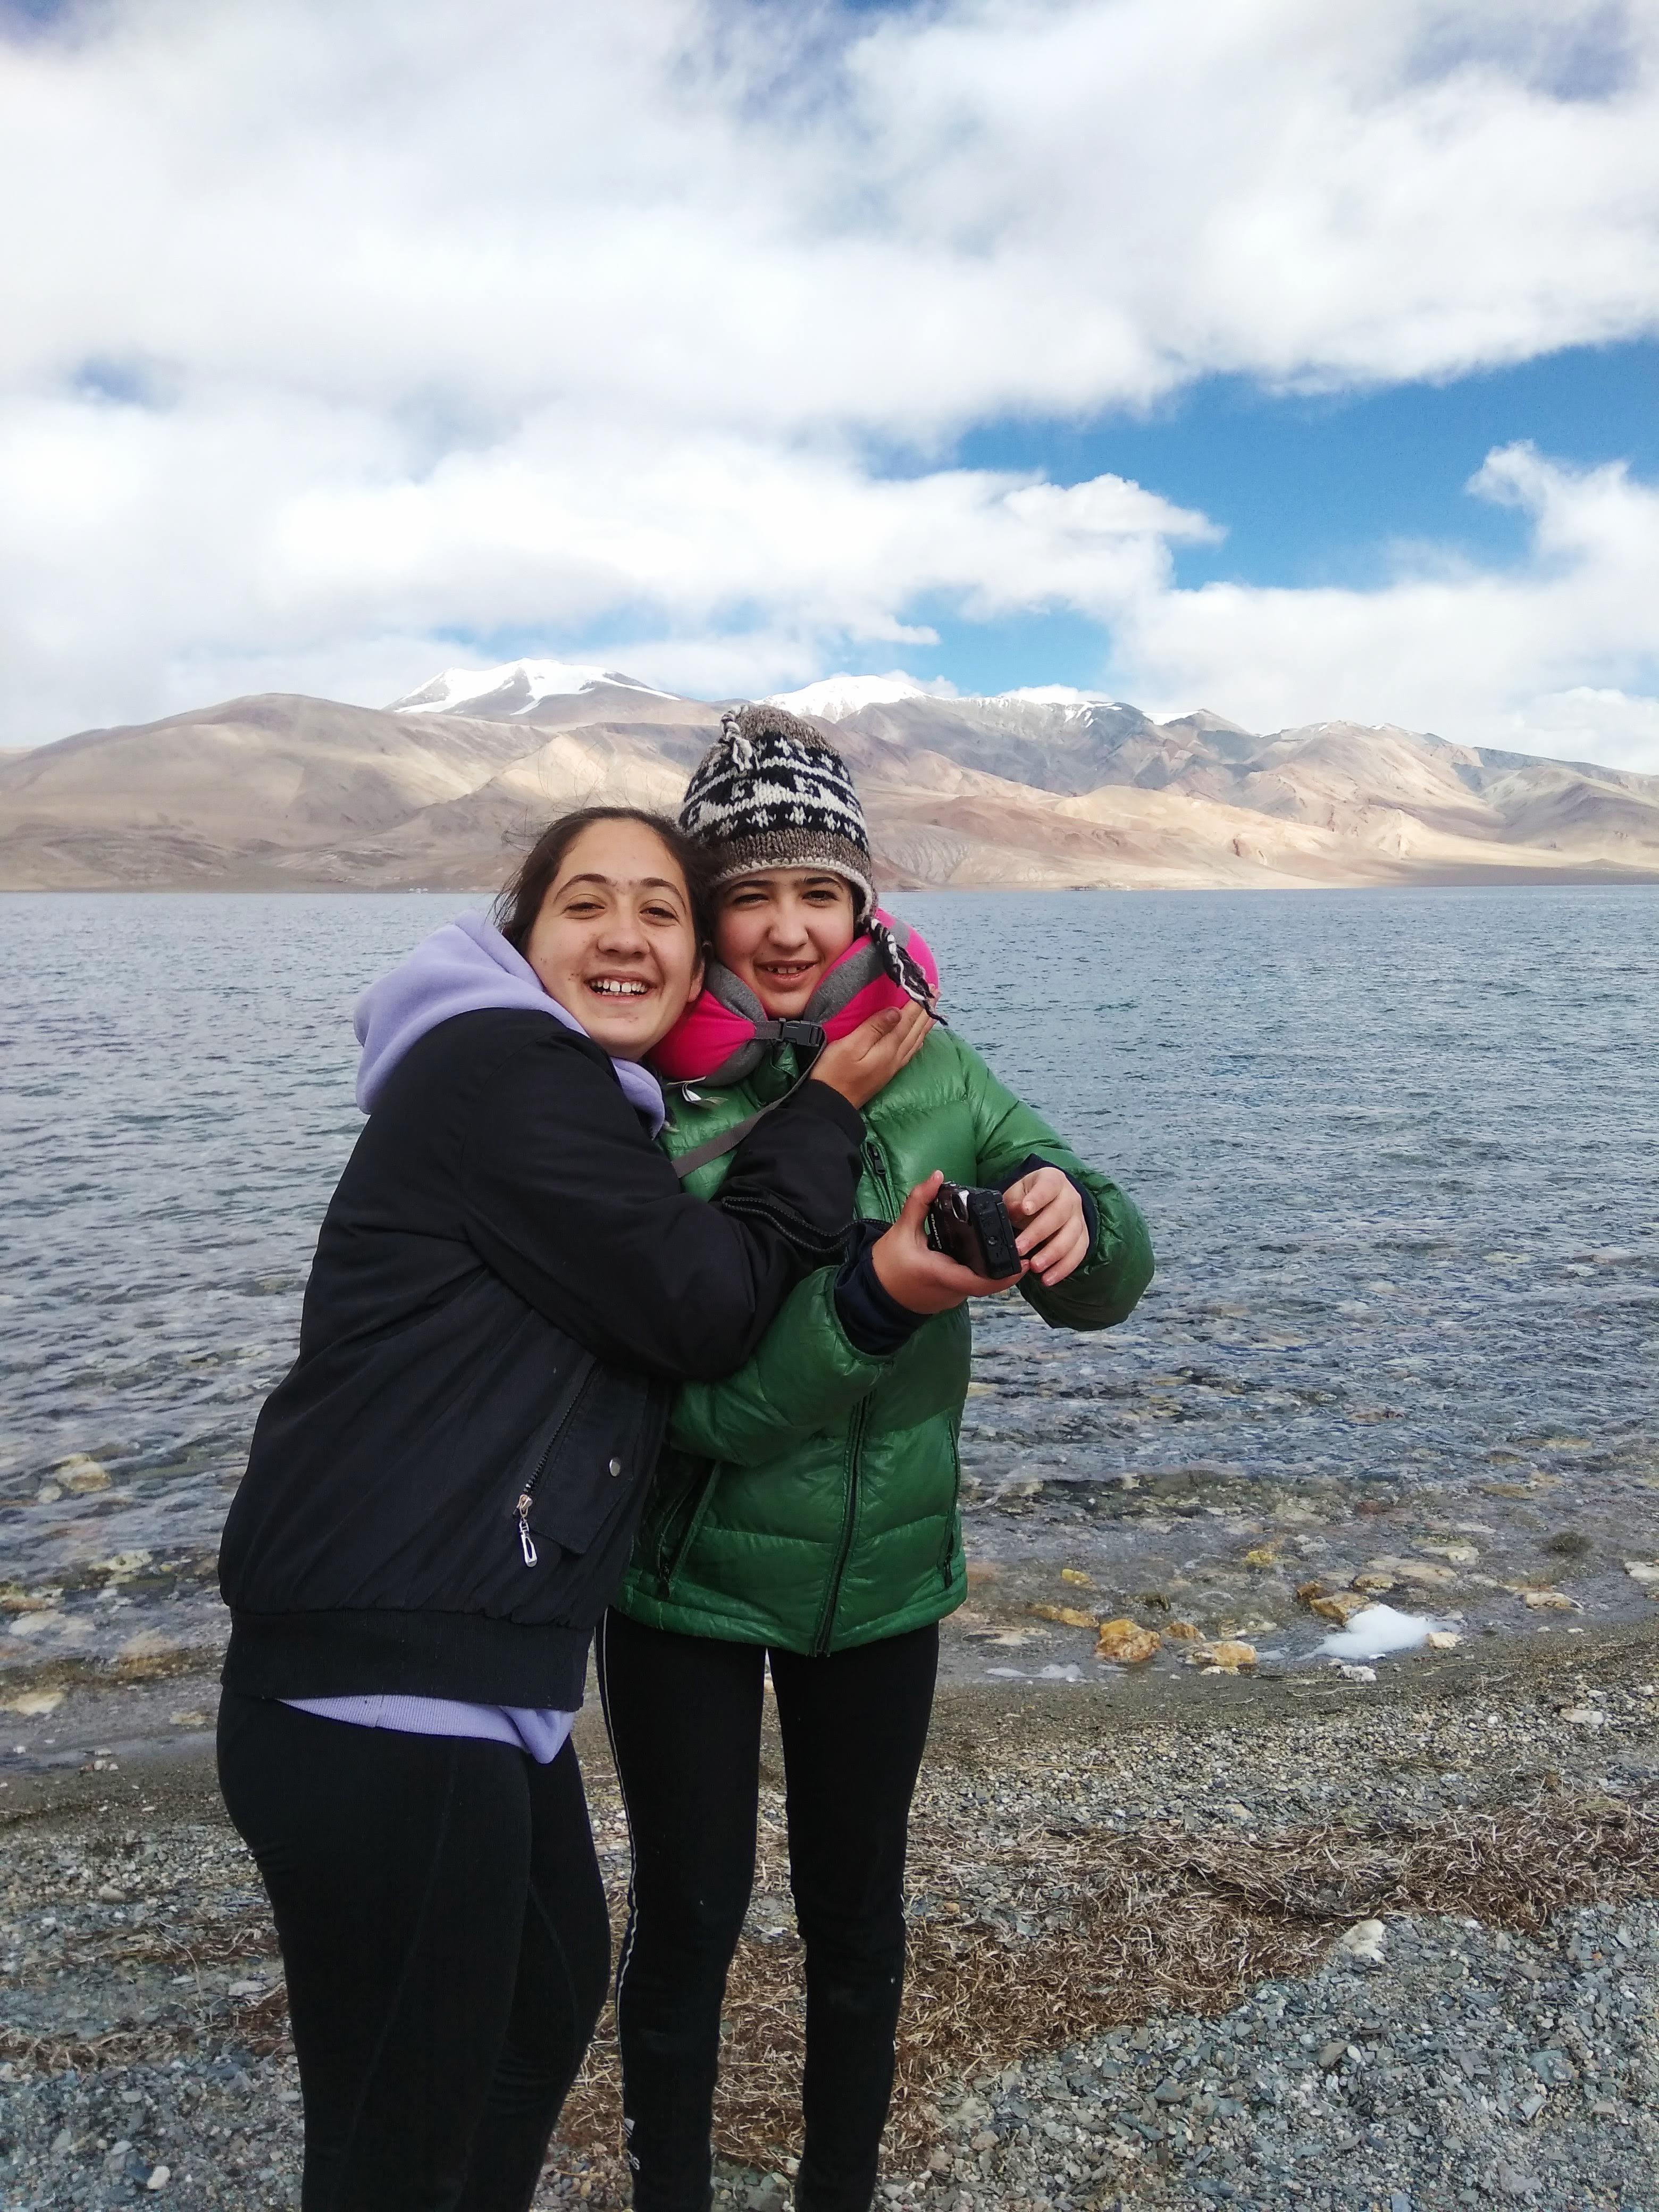 רני וגלי באגם טסומורירי